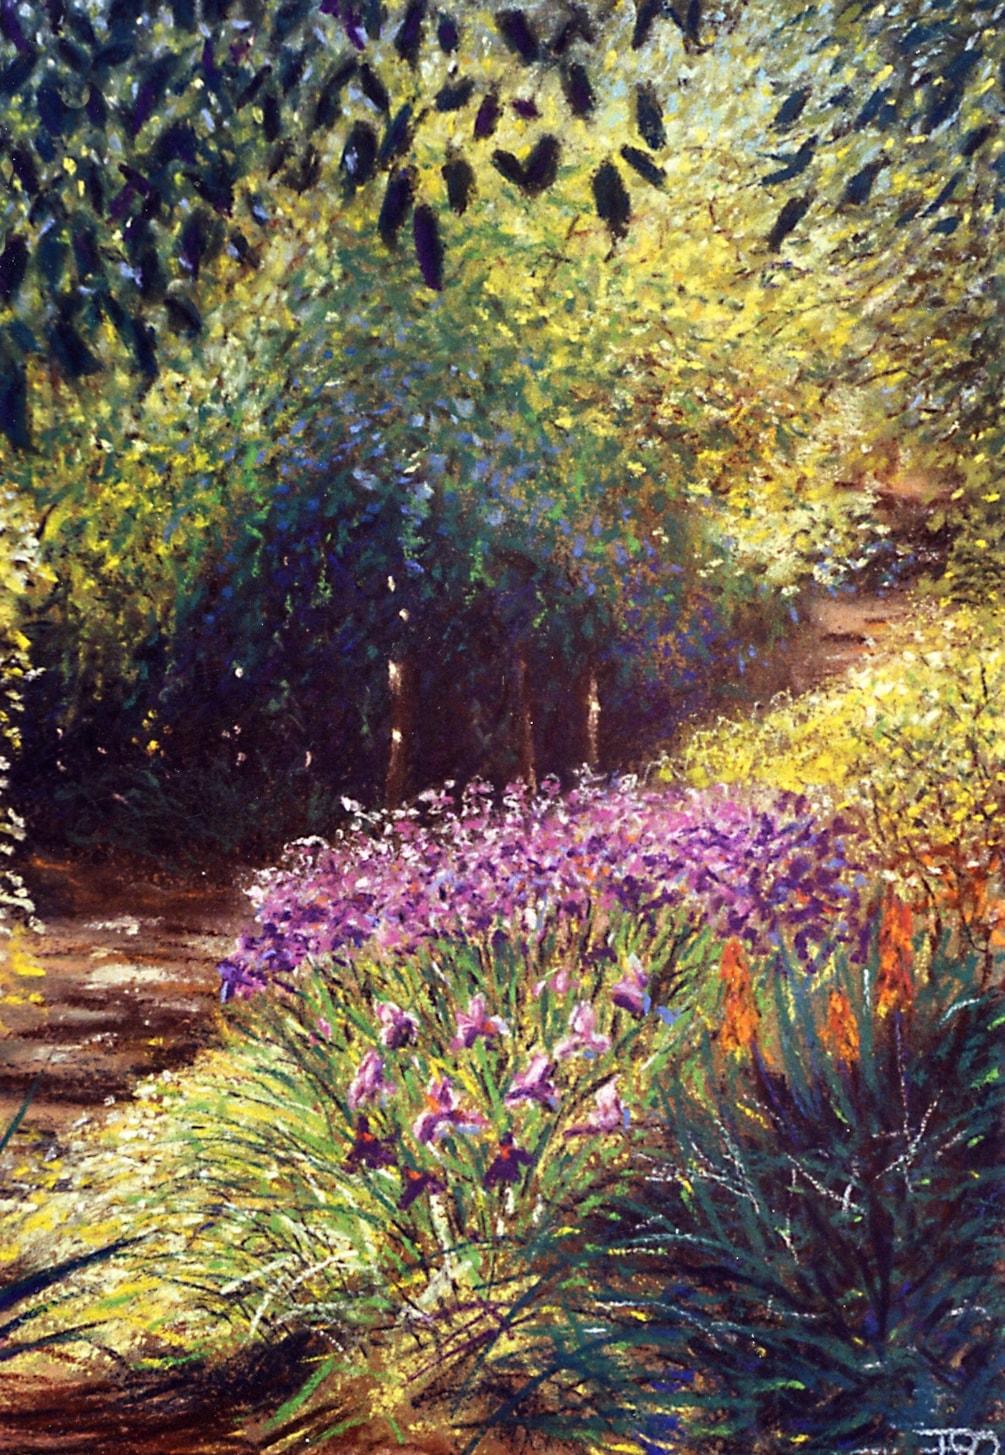 Iris in the Sunken Garden